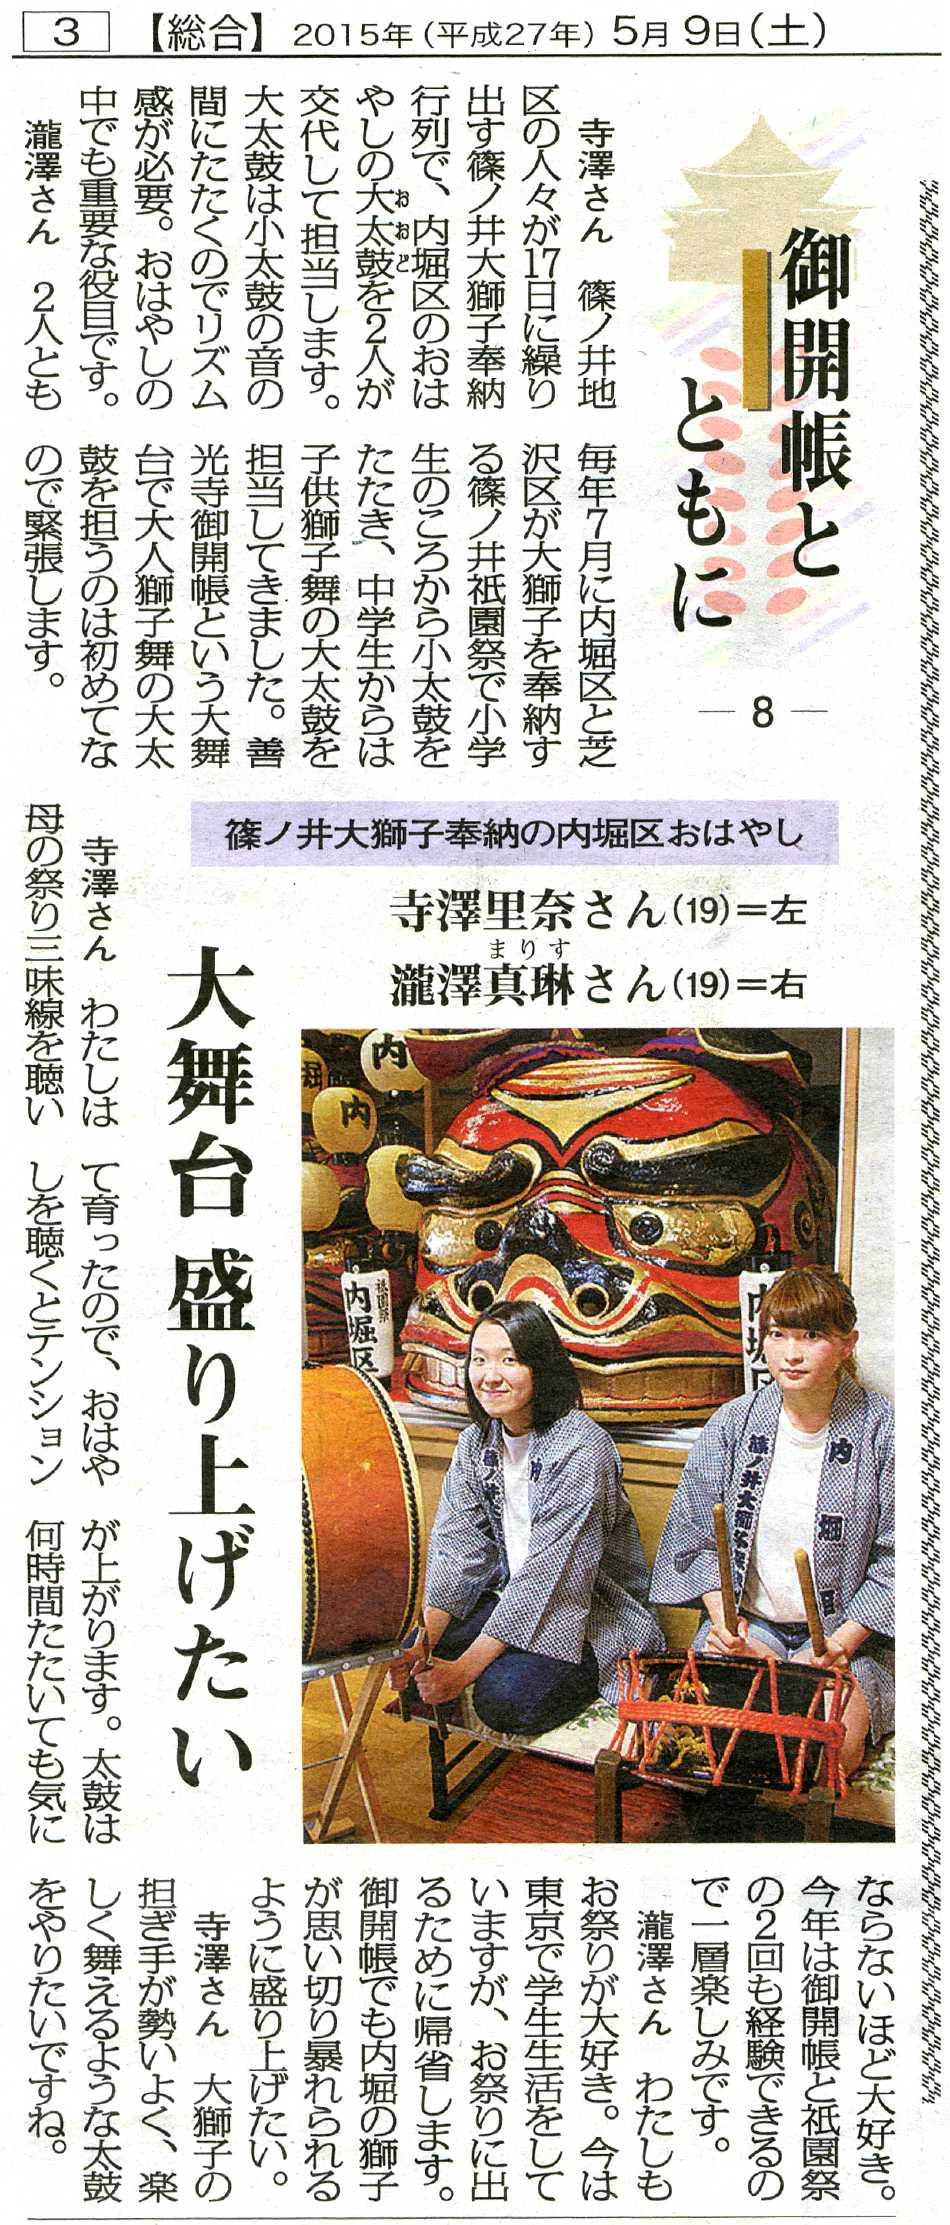 長野市民新聞に篠ノ井大獅子保存会が掲載されました。